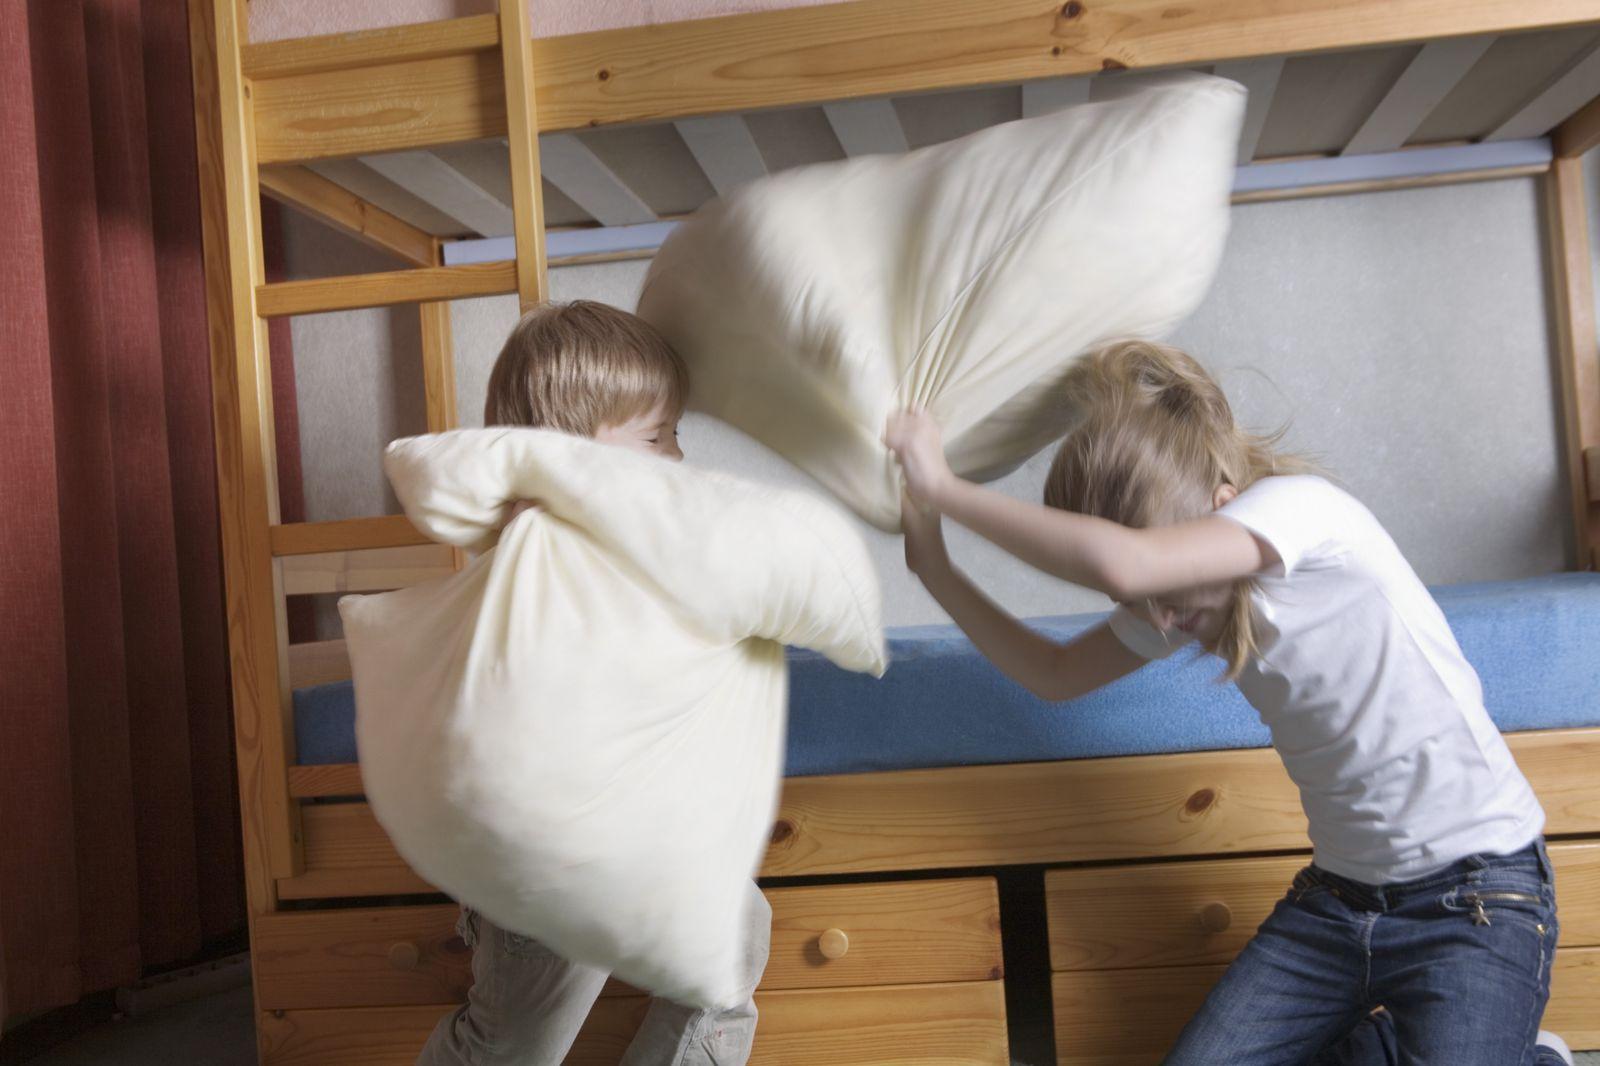 NICHT MEHR VERWENDEN! - ADHS / Hyperaktiv